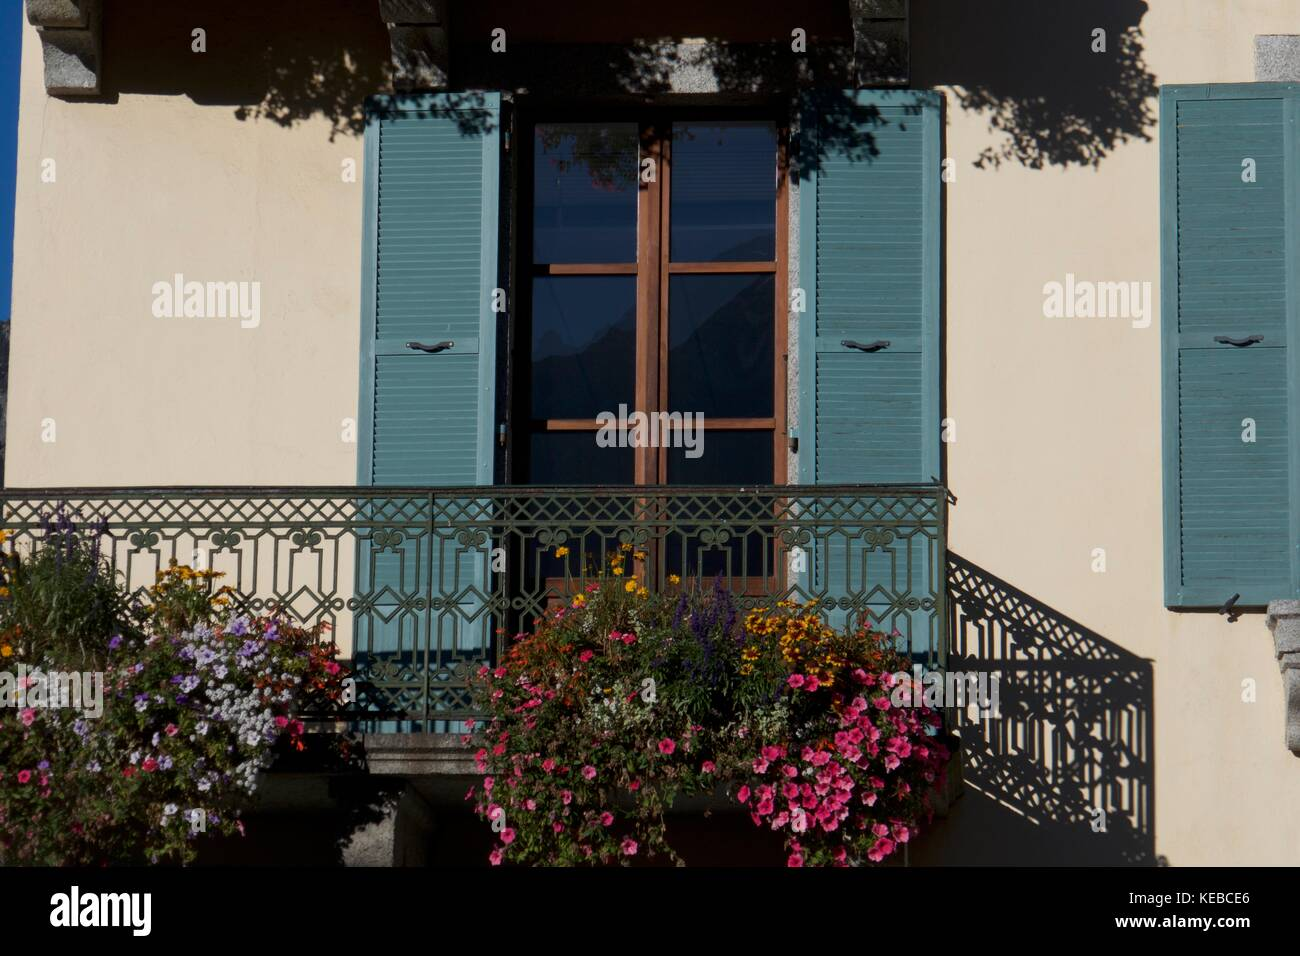 Kast Voor Balkon : Architektonisches detail der fassade mit blühenden fensterkästen und